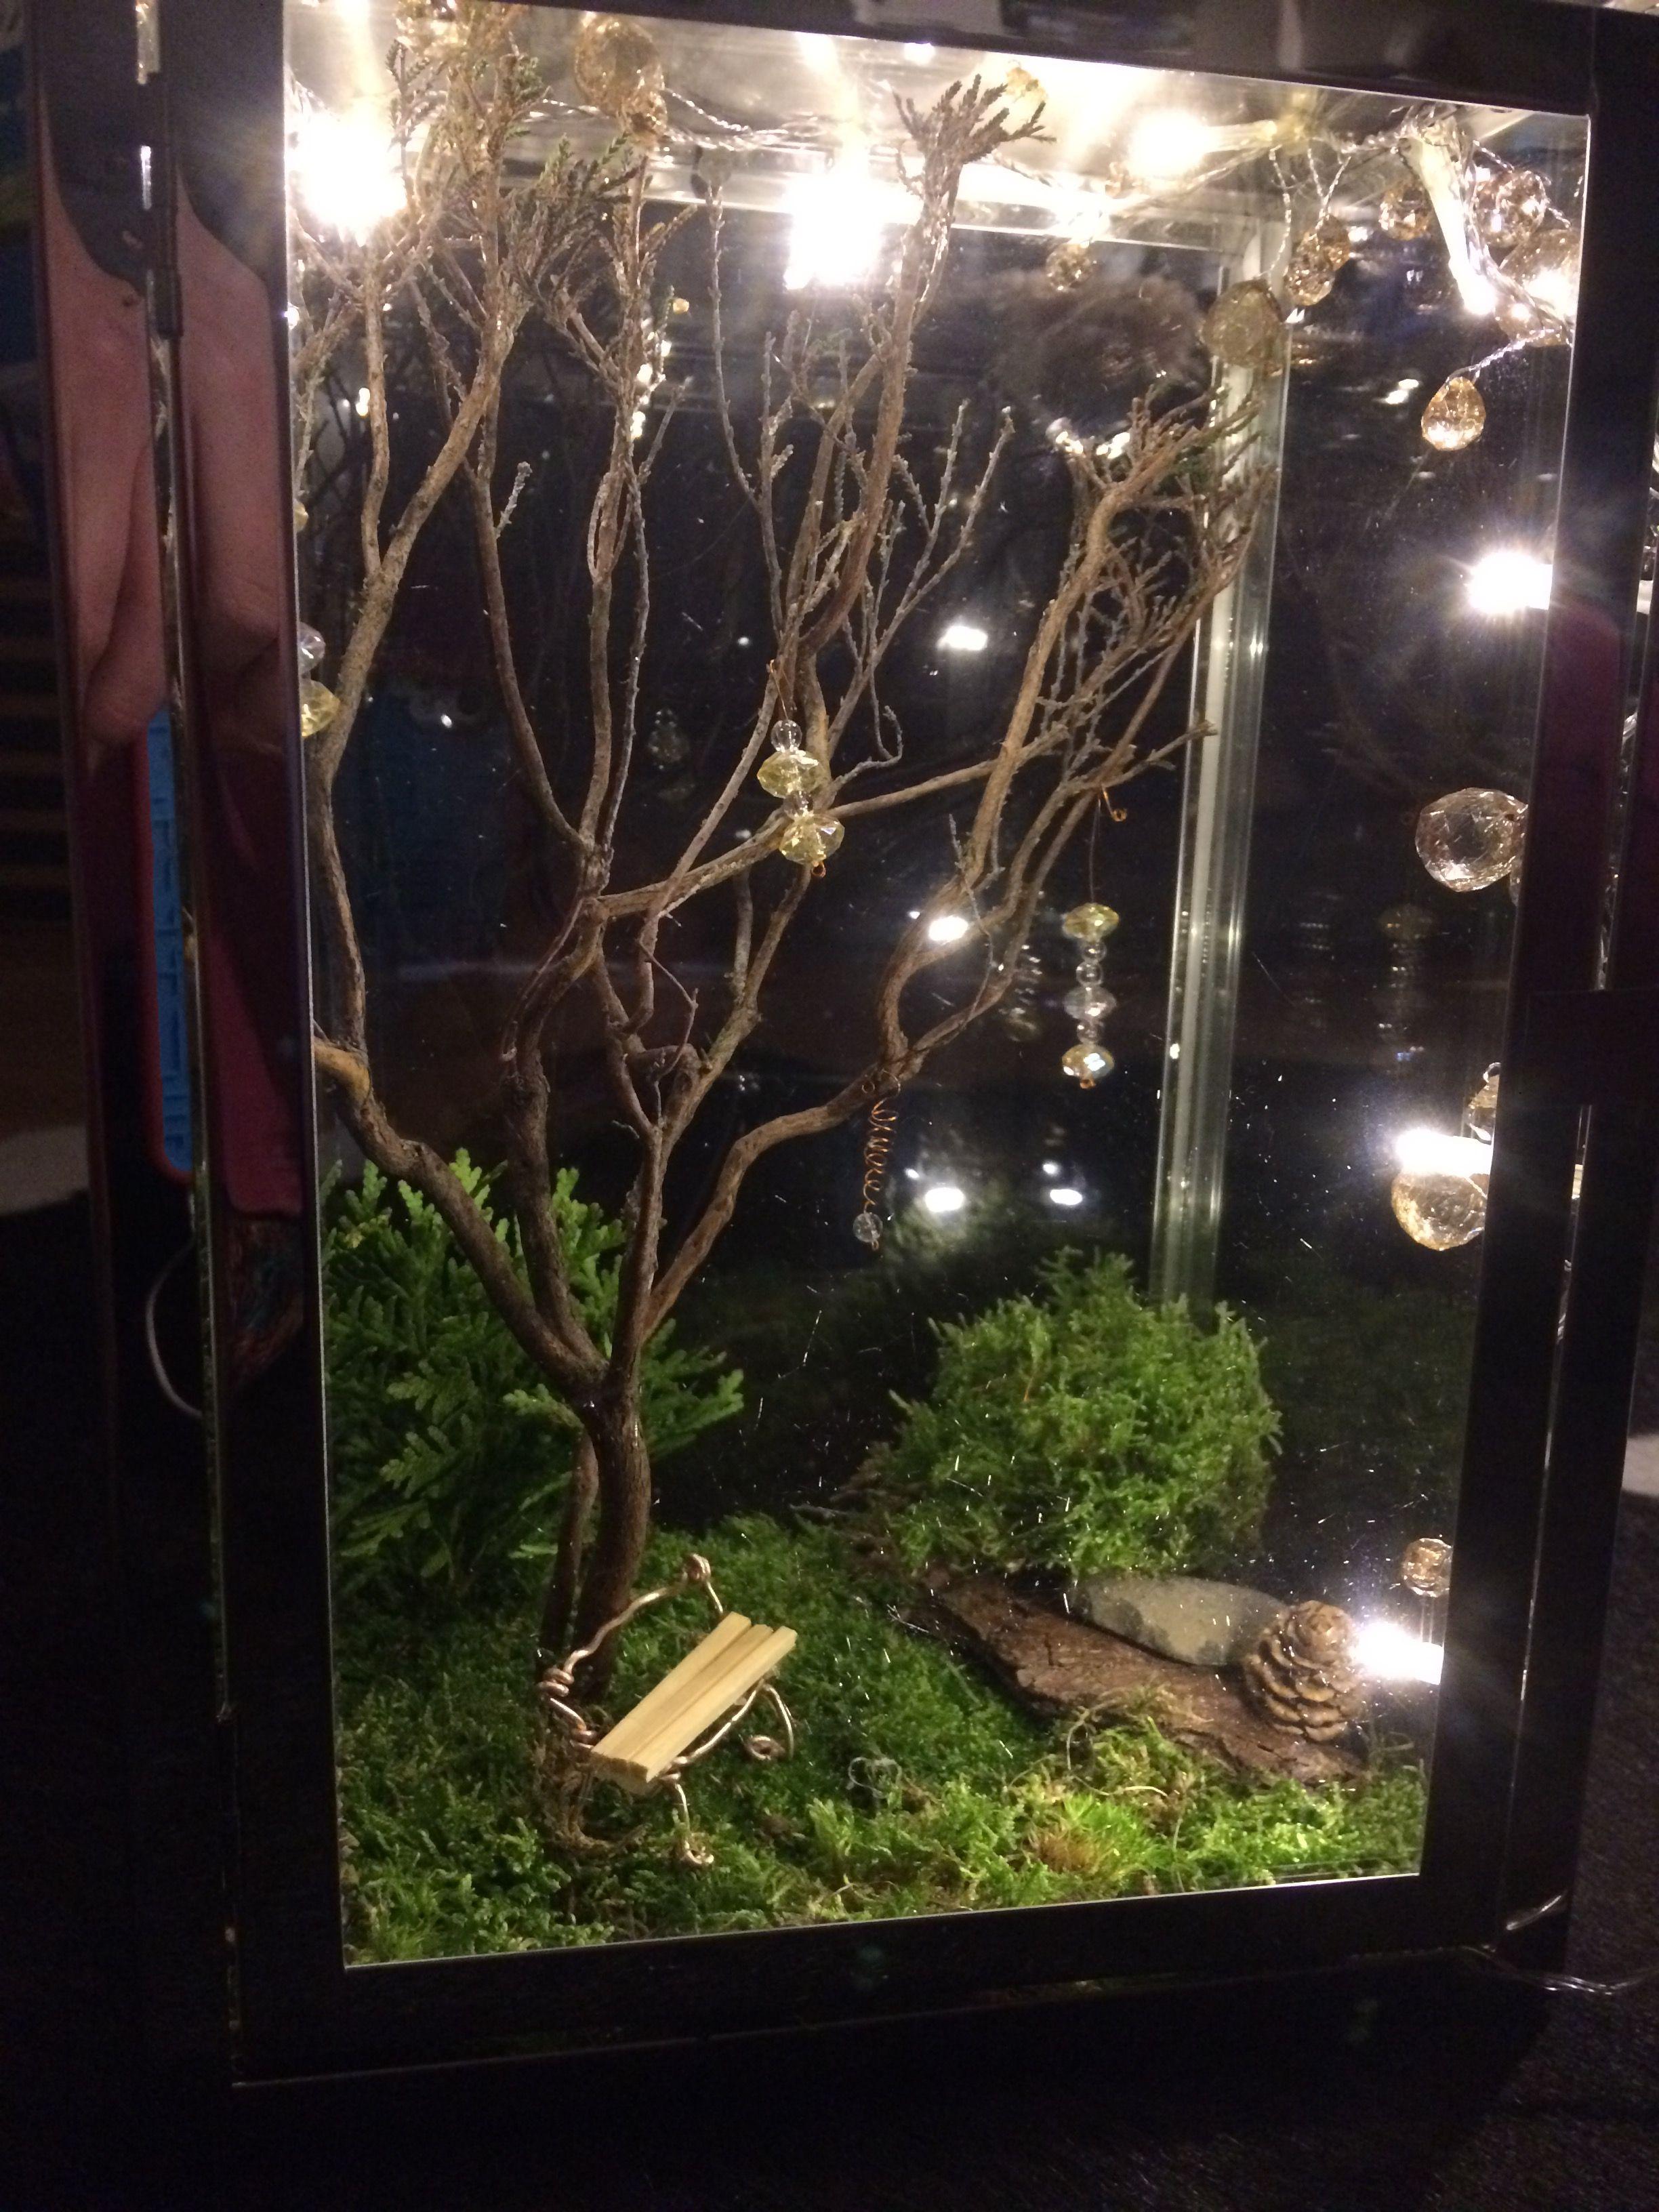 Laterne Diy Feengarten Weihnachten Laternen Indoor Feen Garten